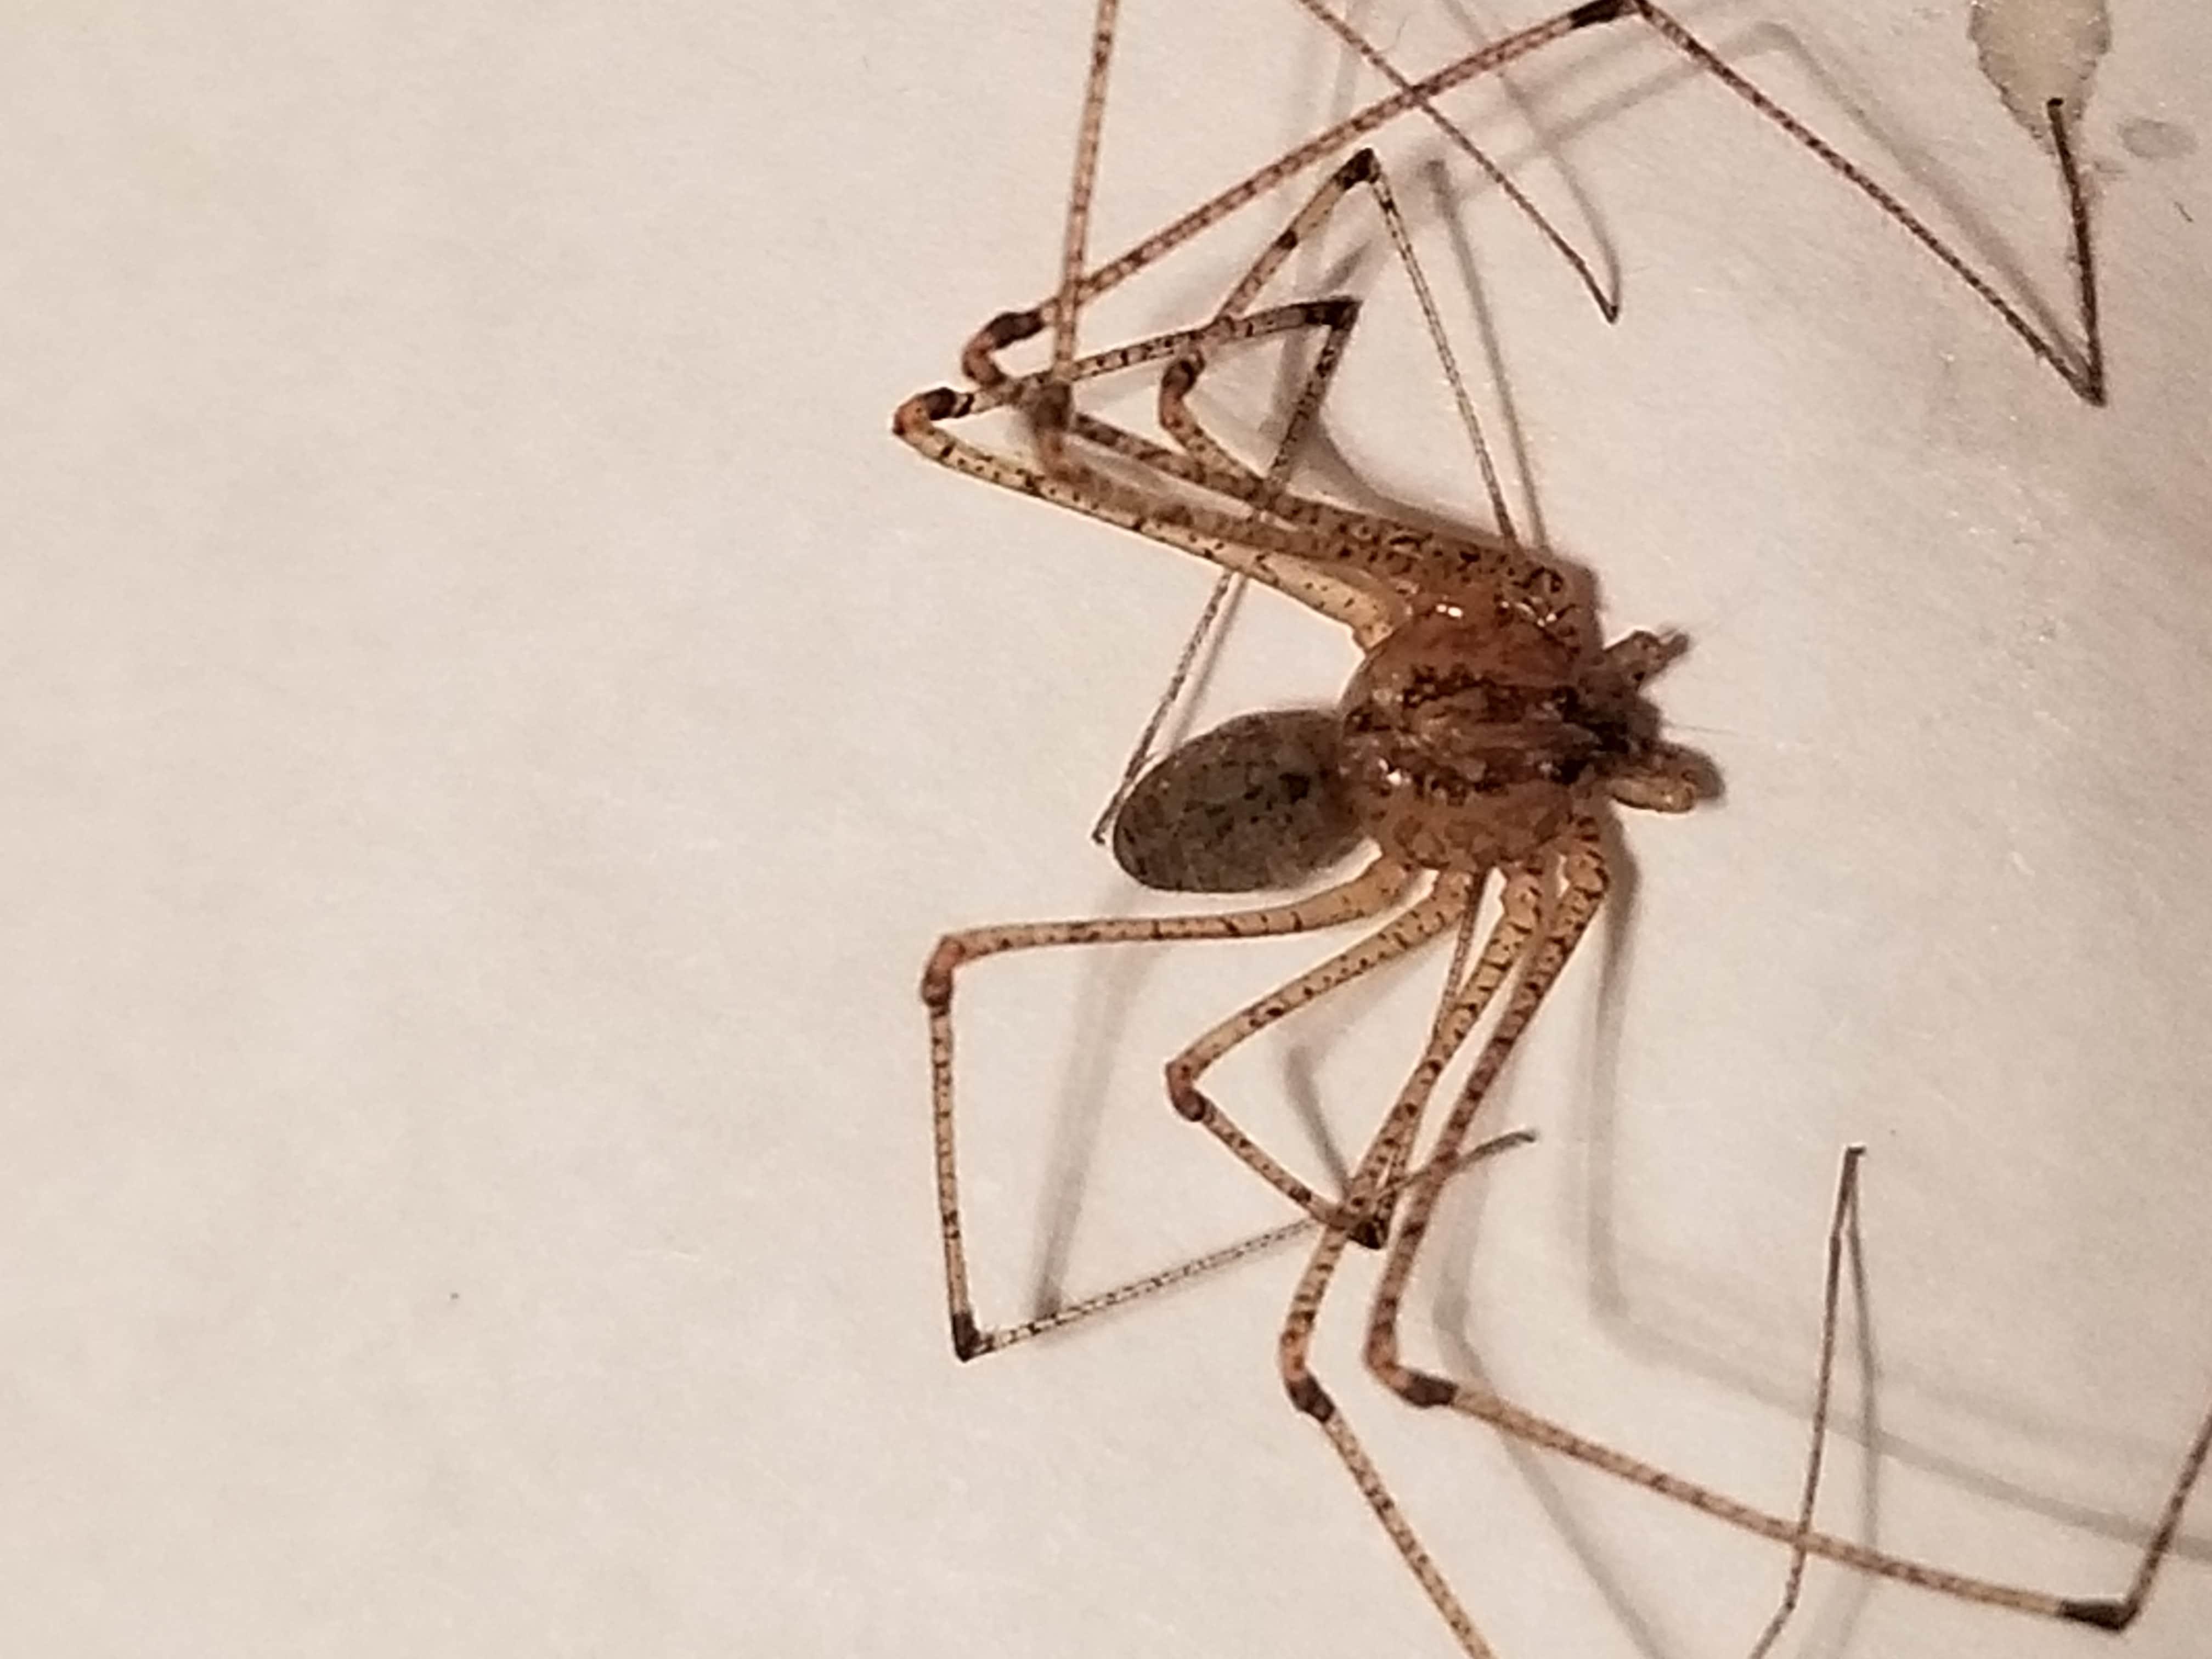 Picture of Scytodes longipes - Dorsal